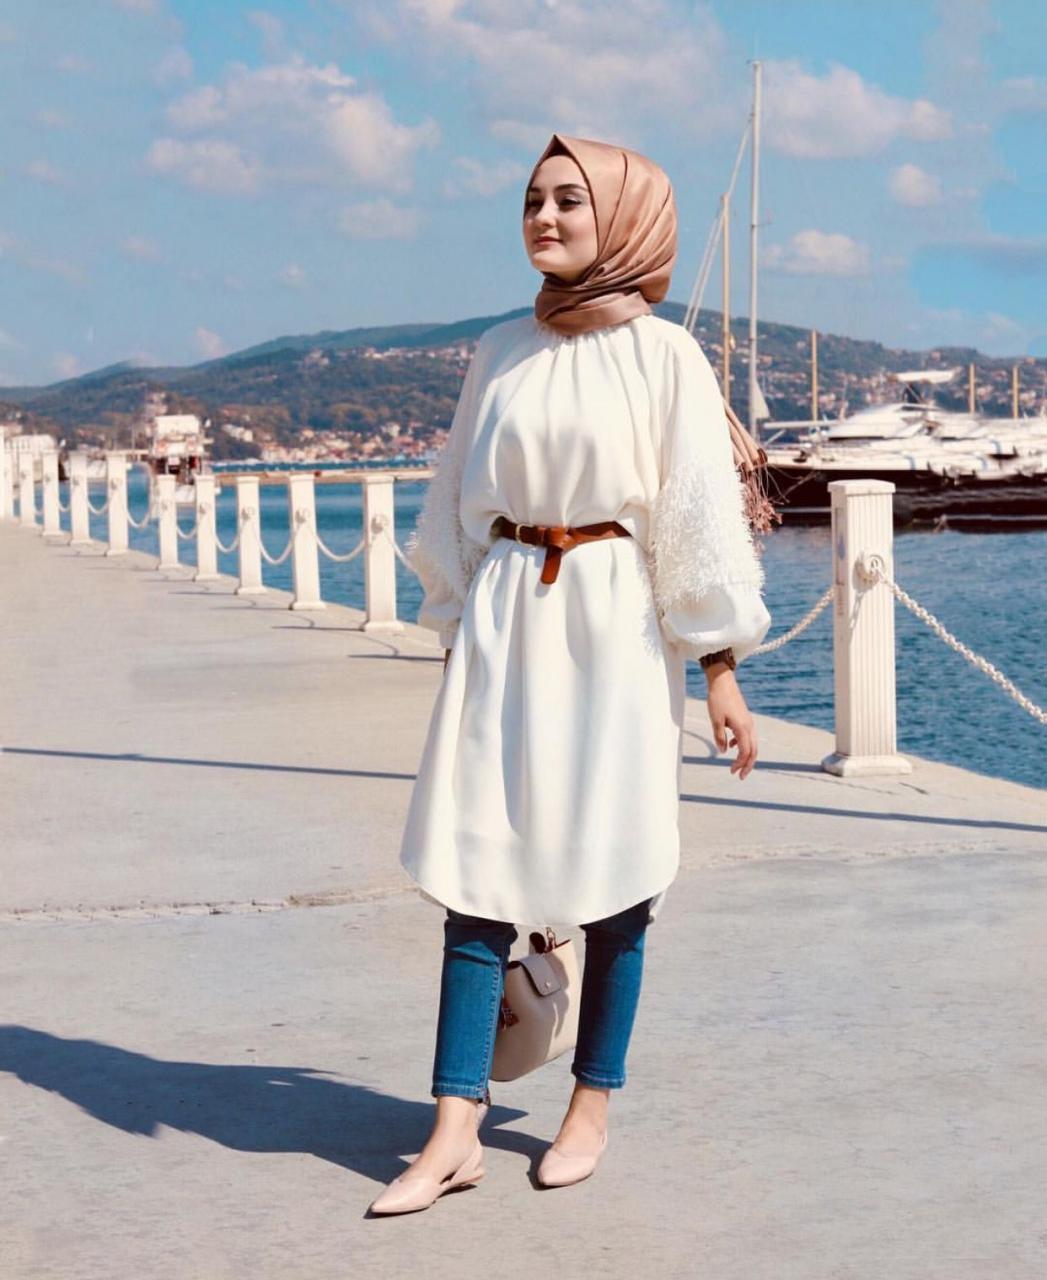 صورة شاهد ازياء المحجبات ما اروعه, اروع موضة حجاب 2020